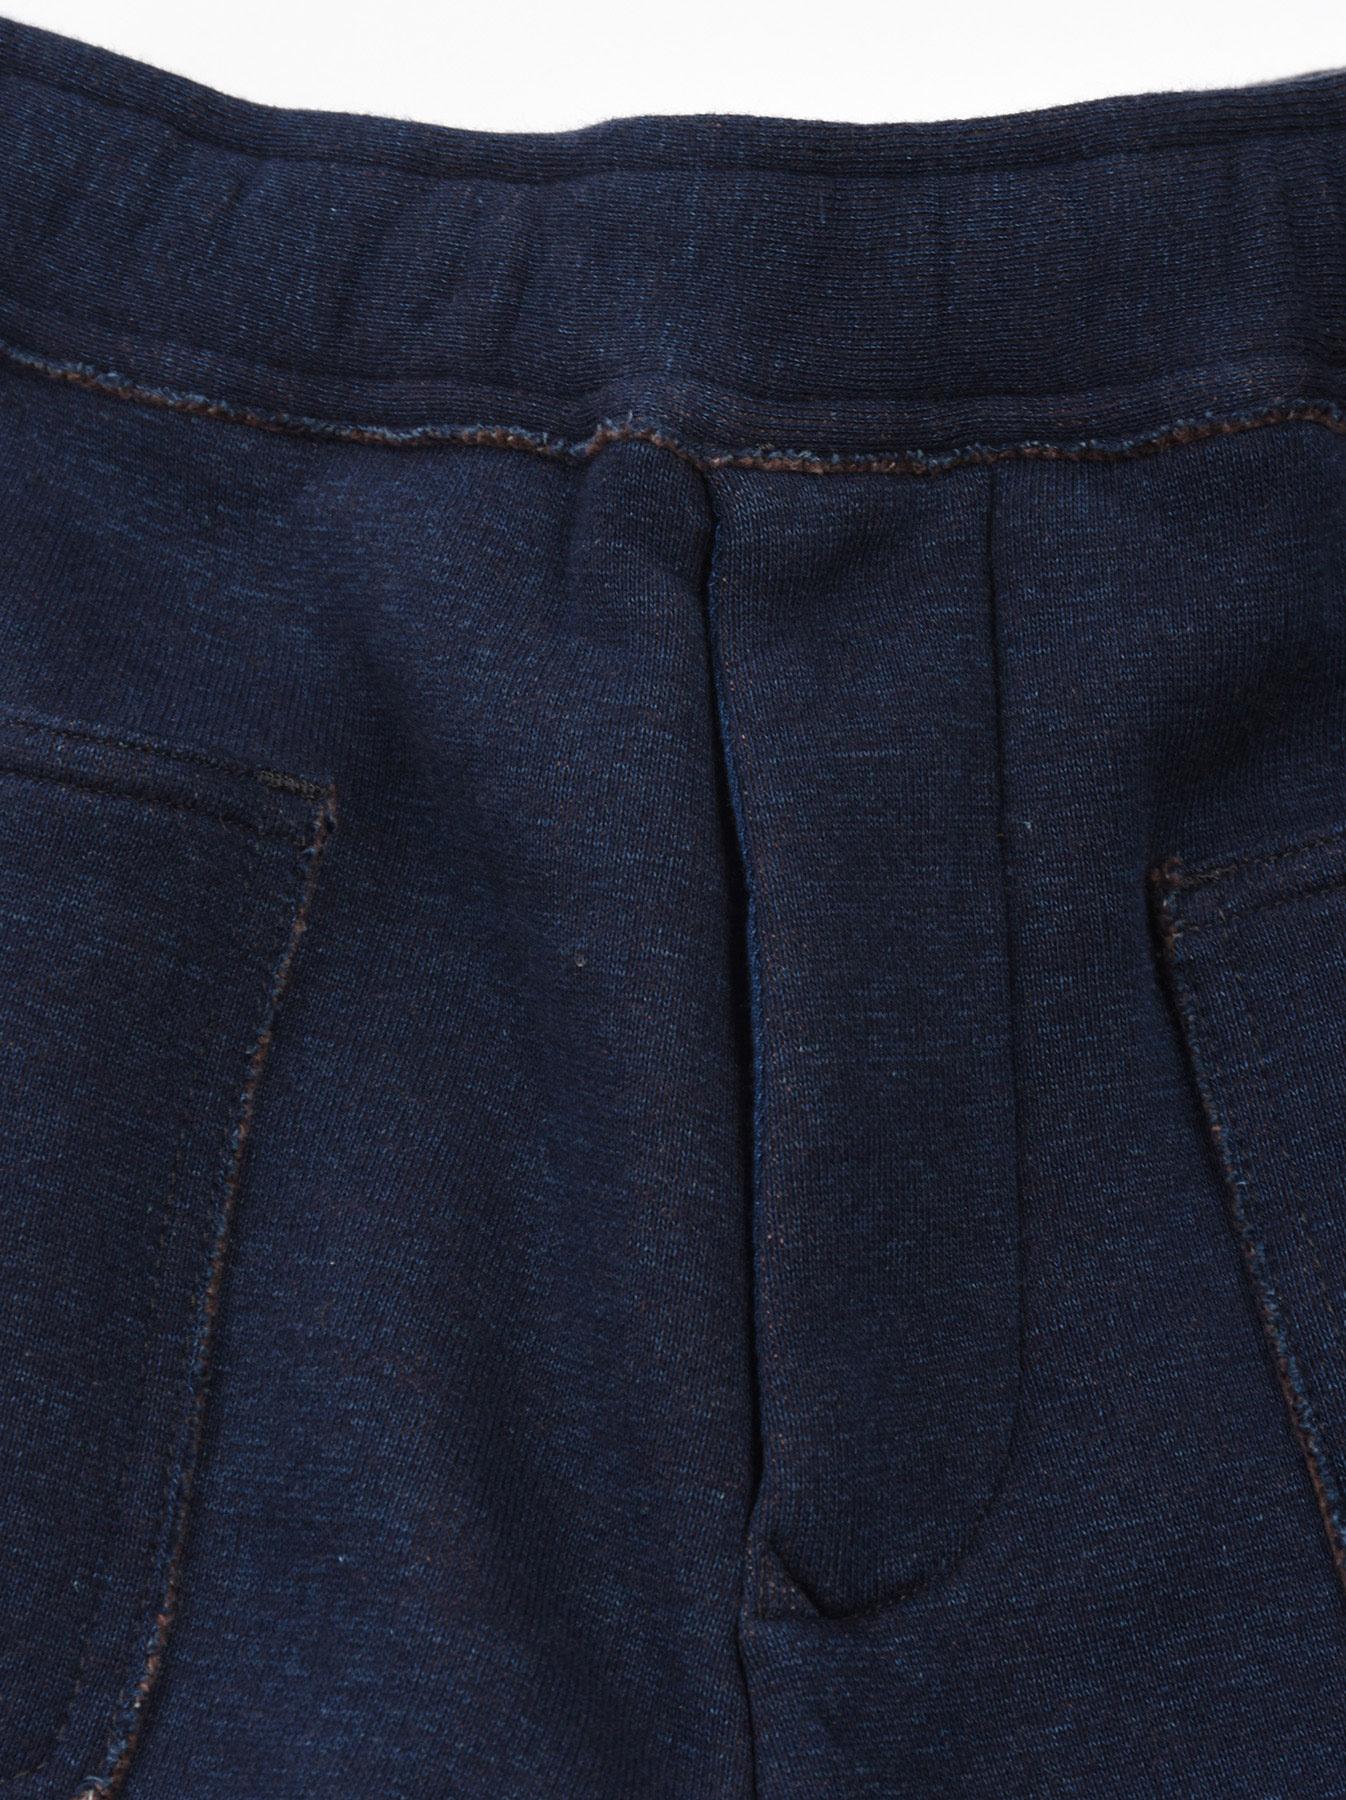 Indigo Hokkaido Fleecy Easy Pants-6